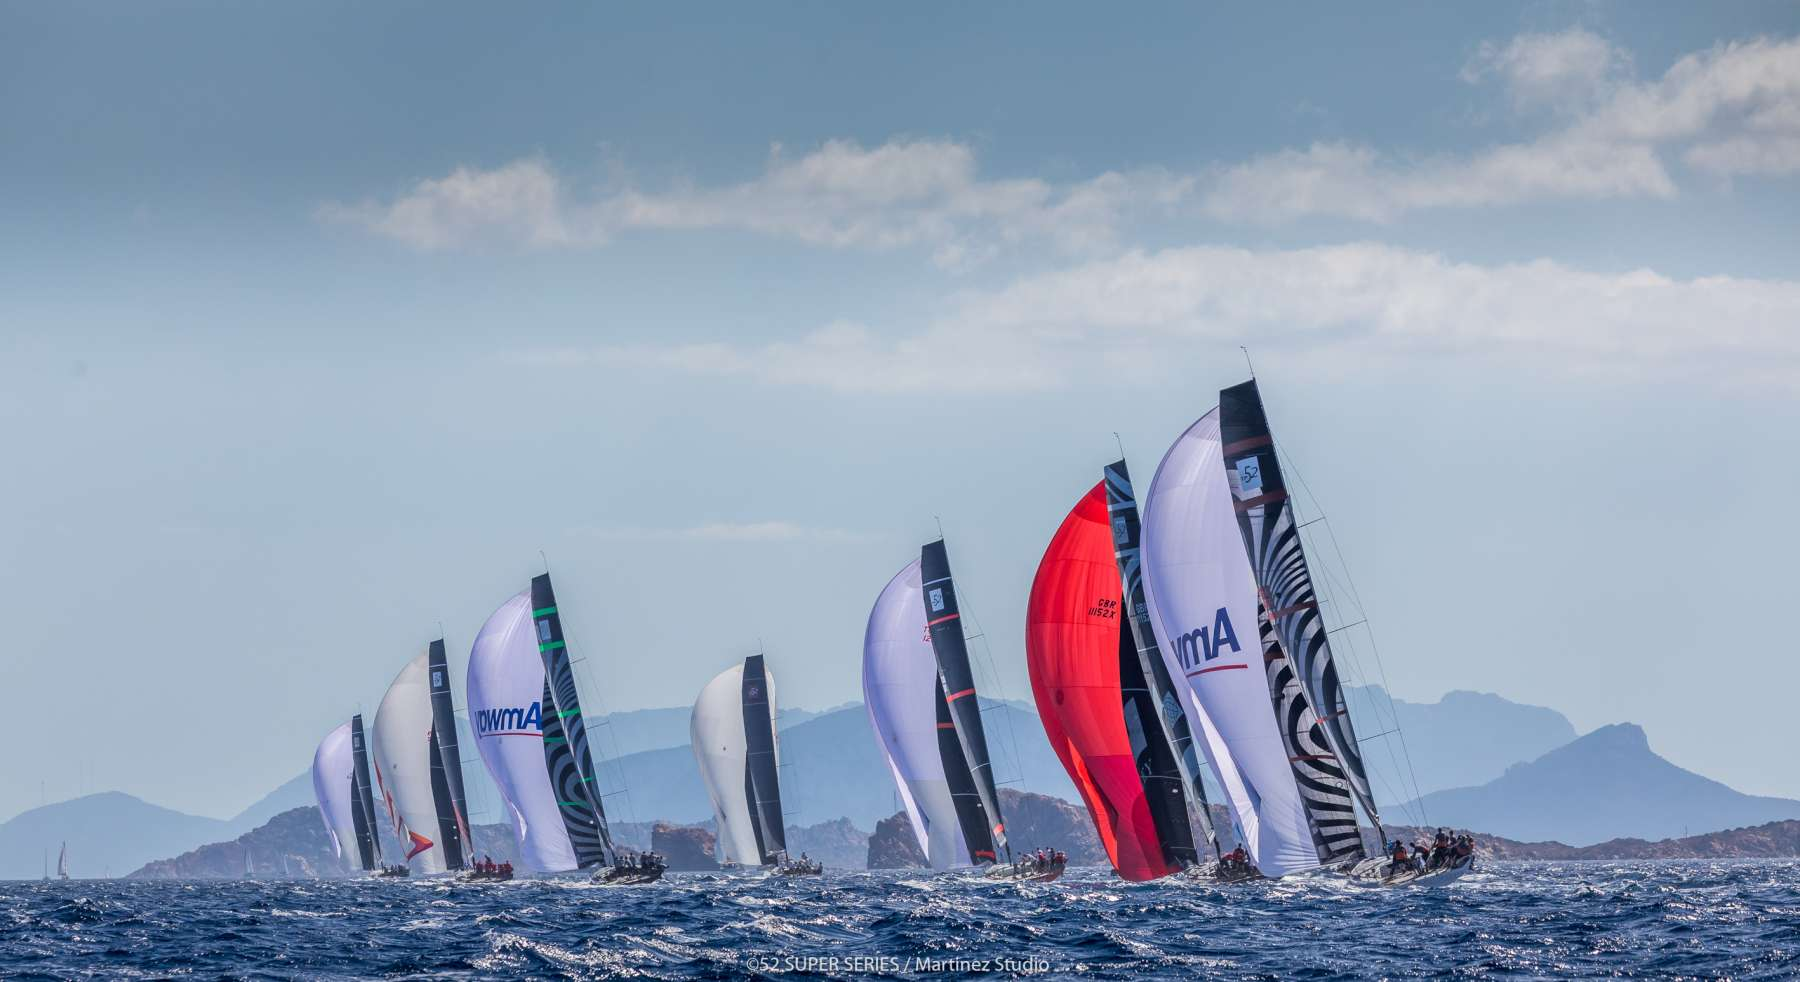 Spettacolo a mare nella penultima giornata dell'Audi 52 Super Series Sailing Week  - NEWS - Yacht Club Costa Smeralda